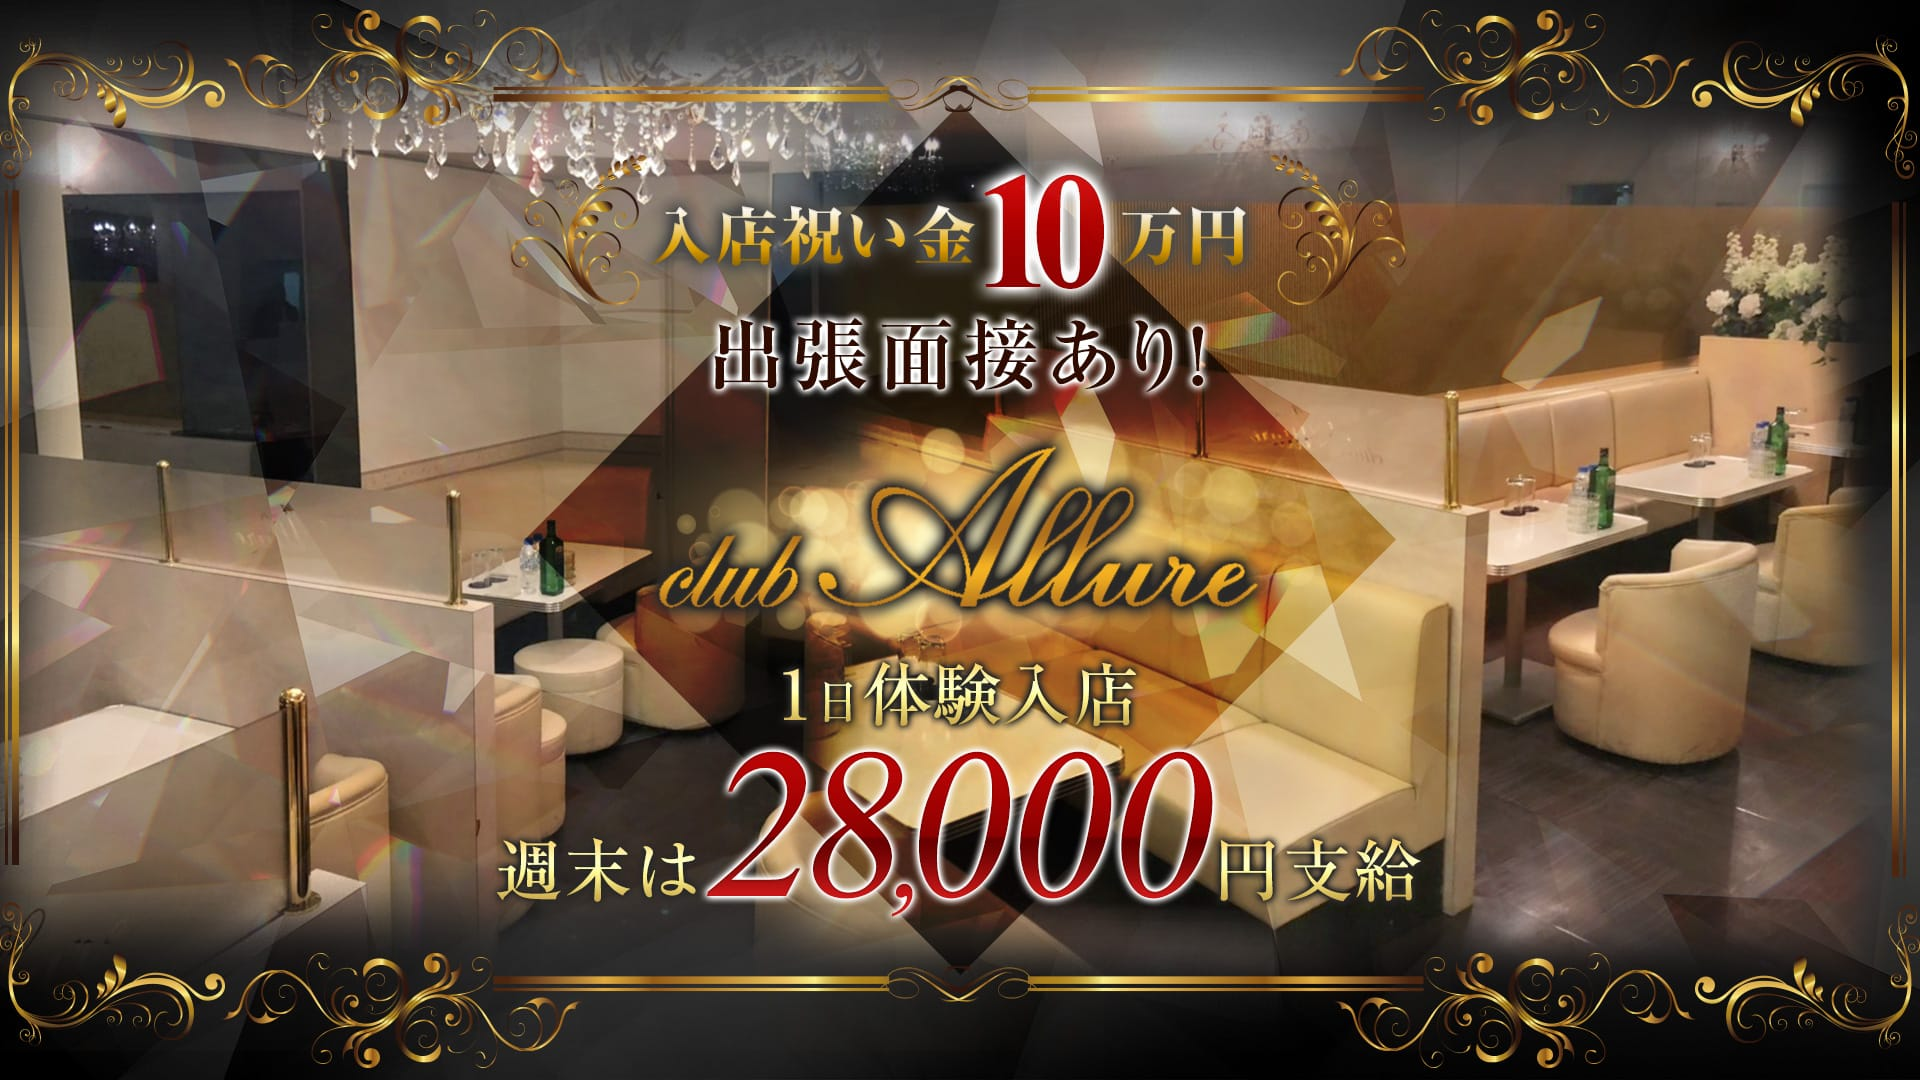 【木更津】club Allure(アリュール)  木更津キャバクラ TOP画像